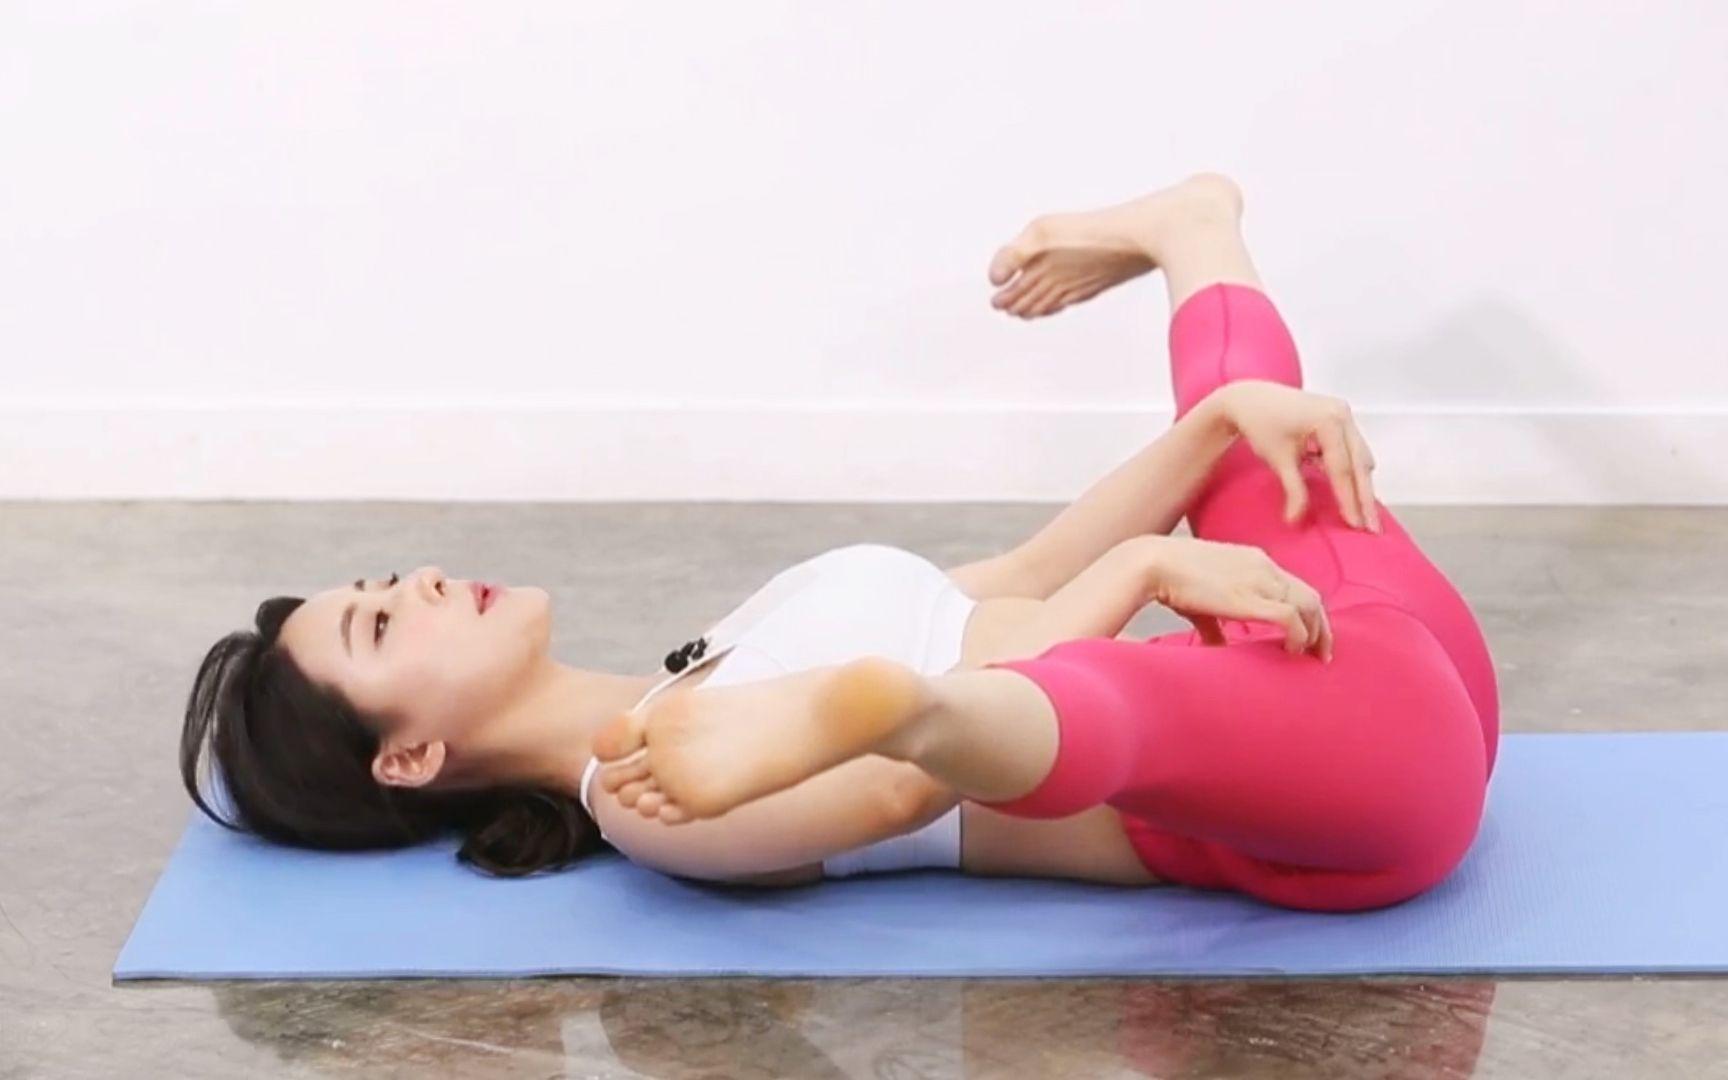 【前方高能】瑜伽小姐姐的各种高难度动作,解锁更多新图片